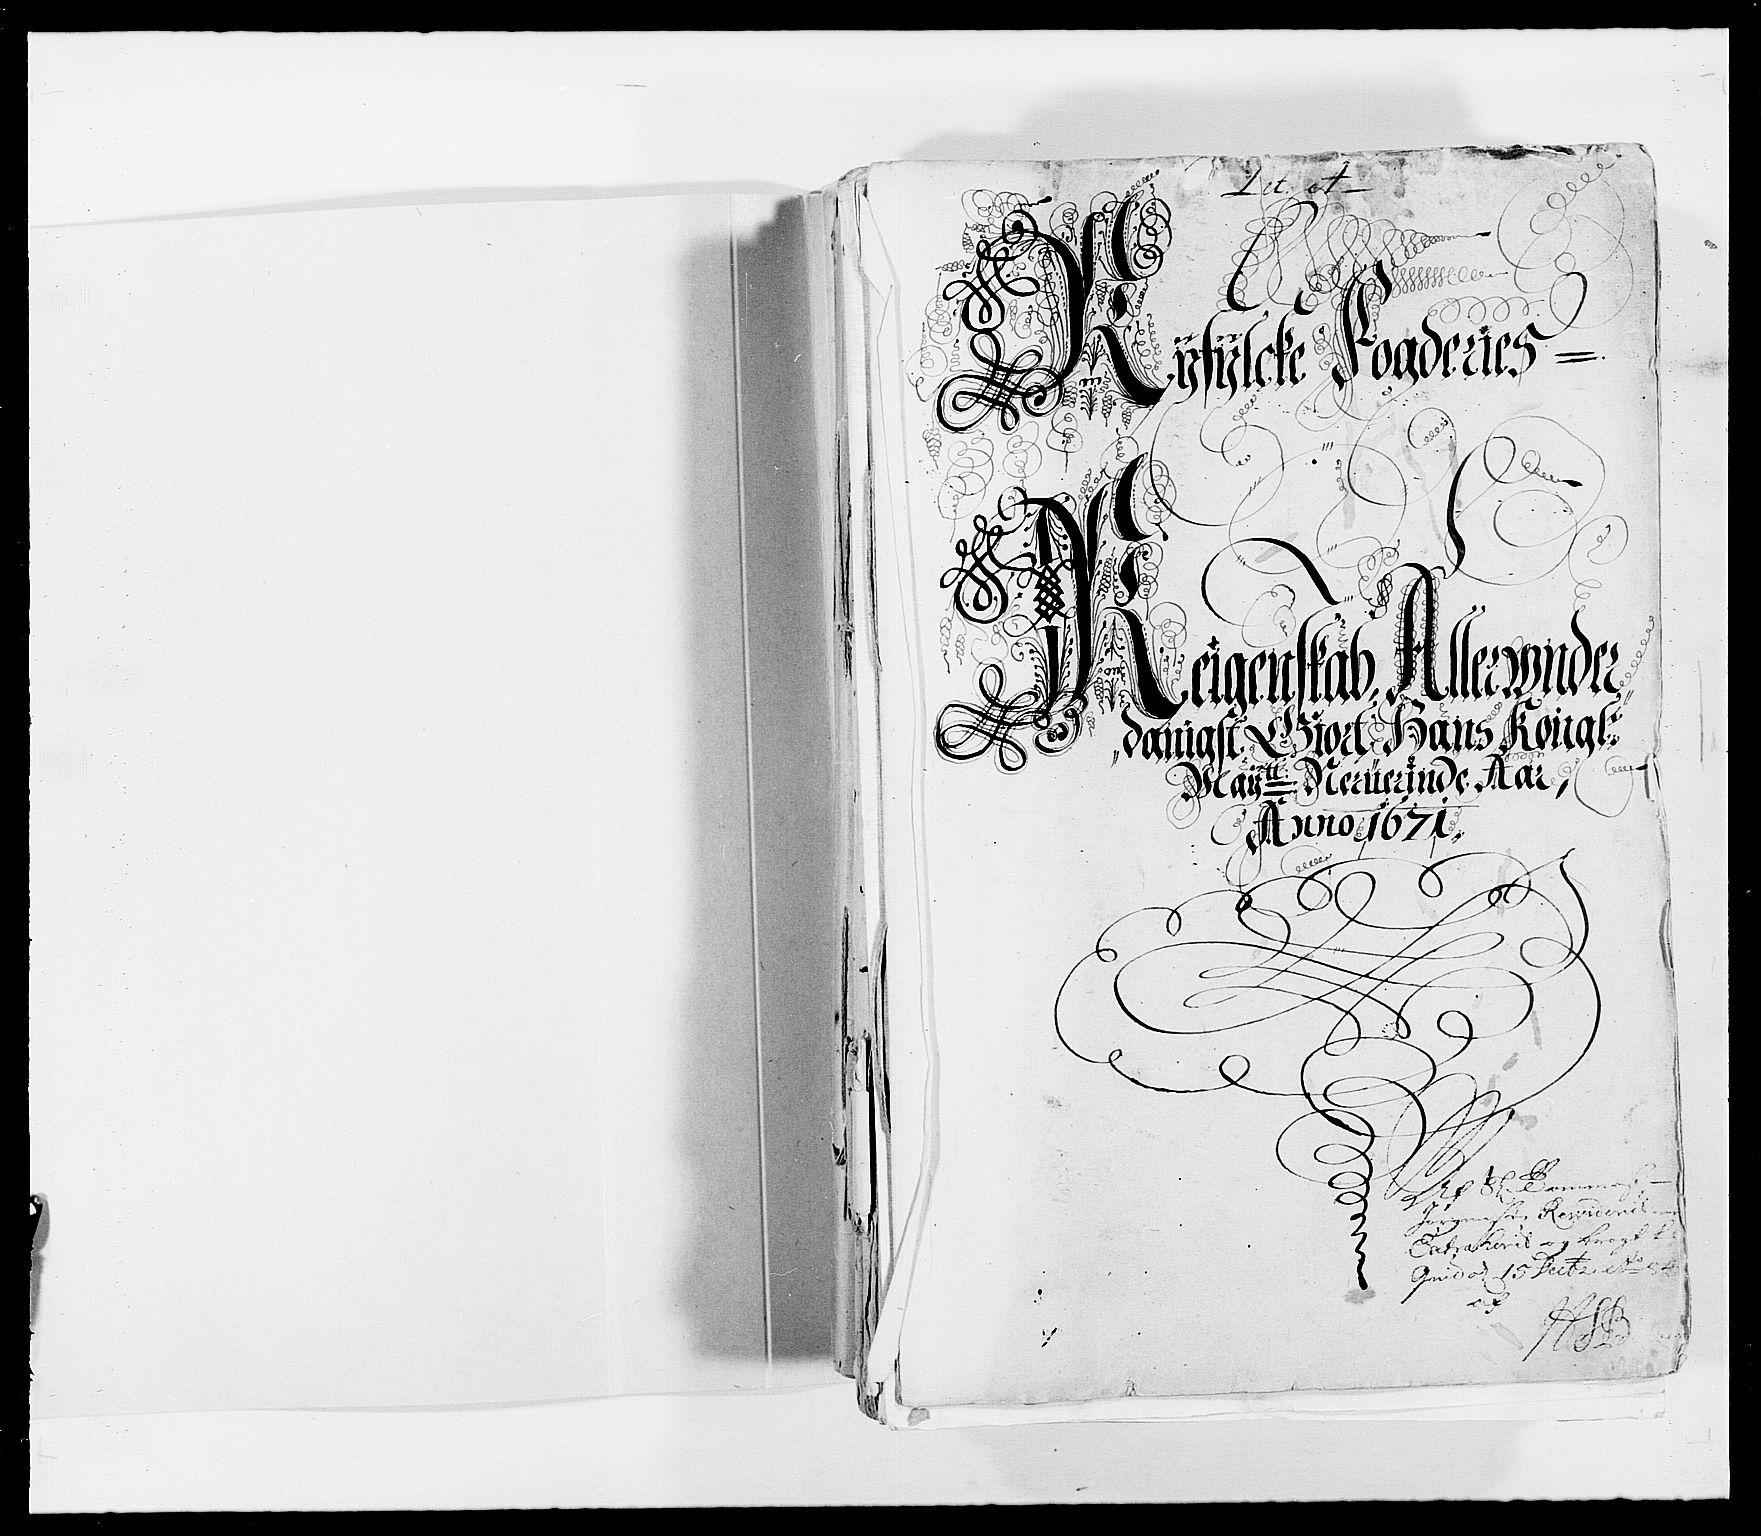 RA, Rentekammeret inntil 1814, Reviderte regnskaper, Fogderegnskap, R47/L2843: Fogderegnskap Ryfylke, 1670-1671, s. 210